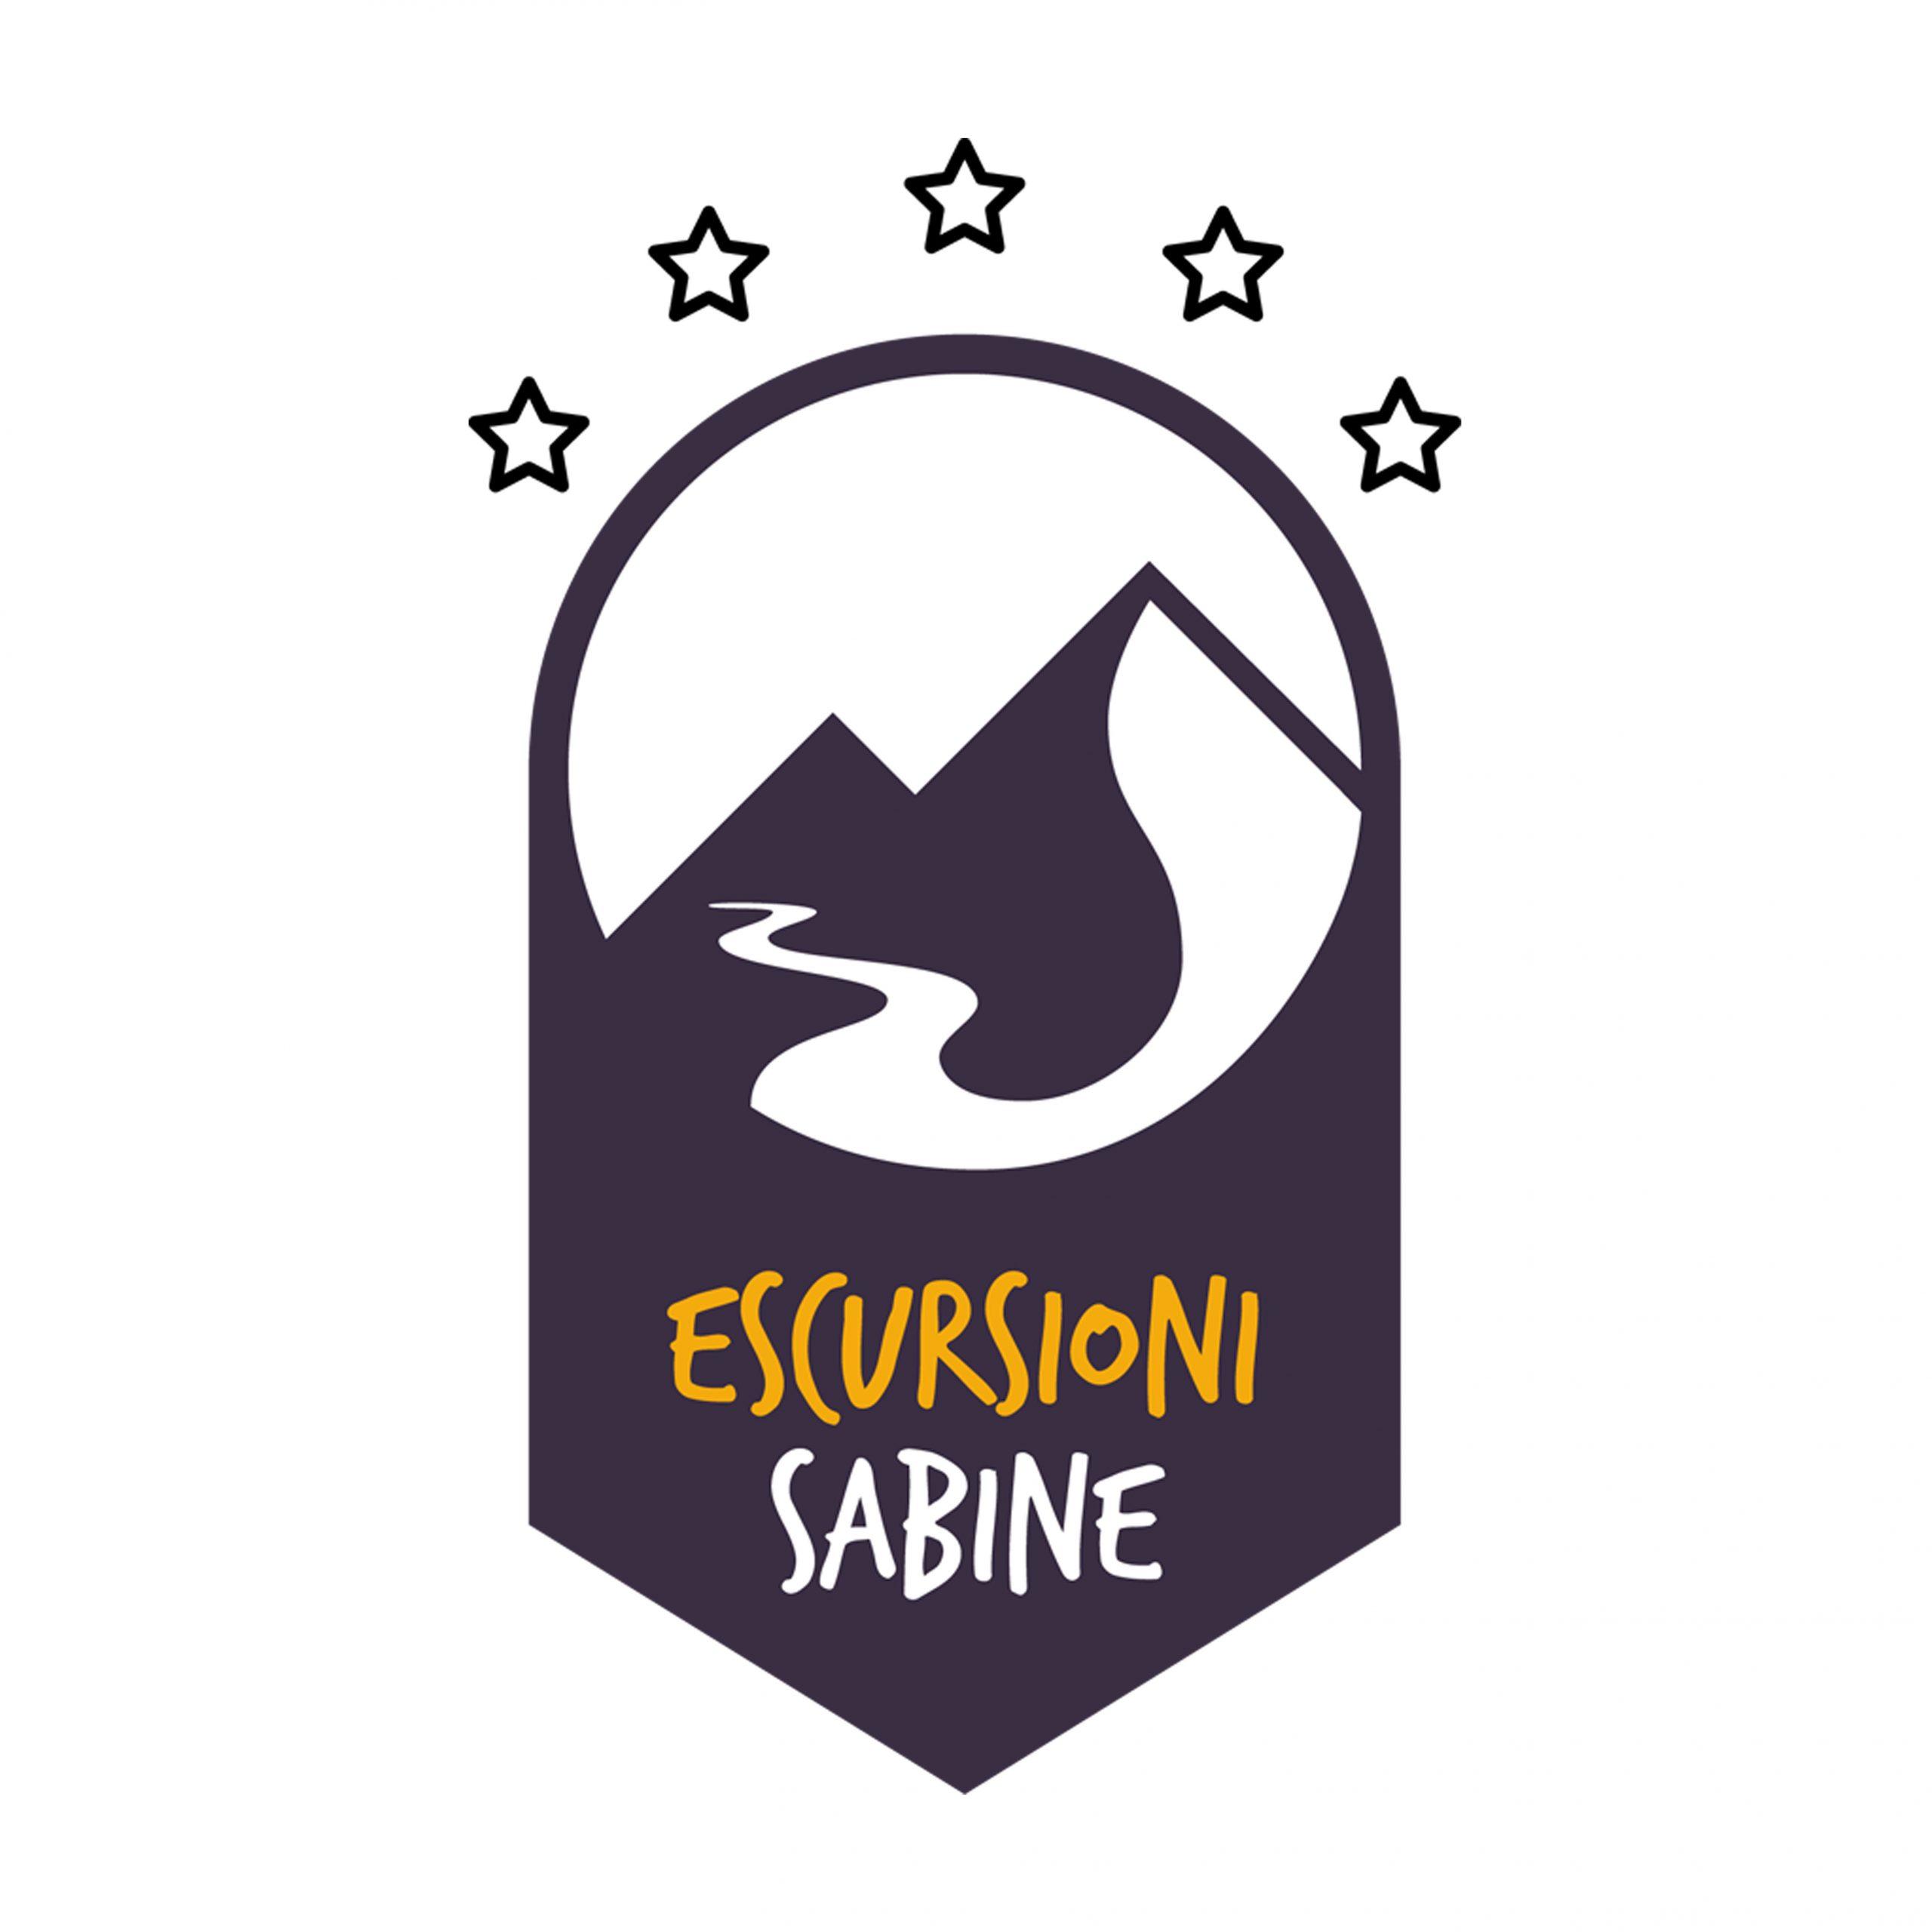 Escursioni Sabine